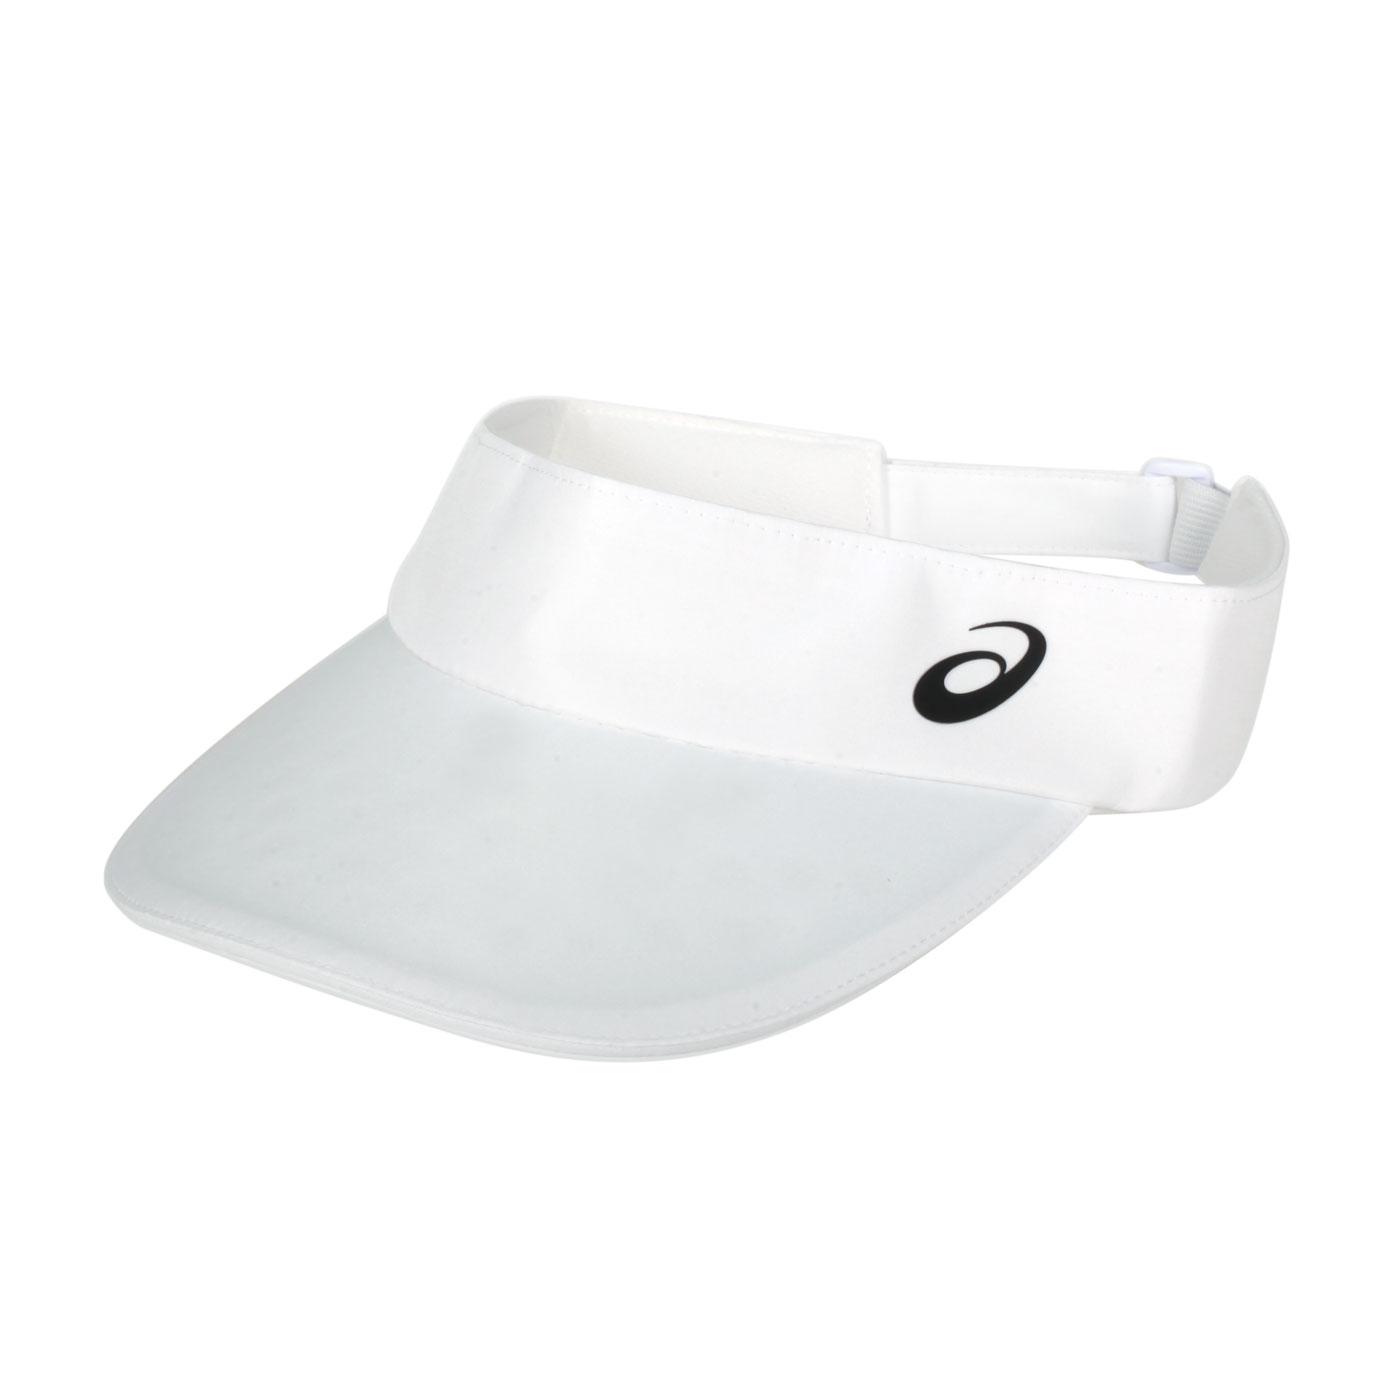 ASICS 網球中空帽 3043A047-101 - 白黑